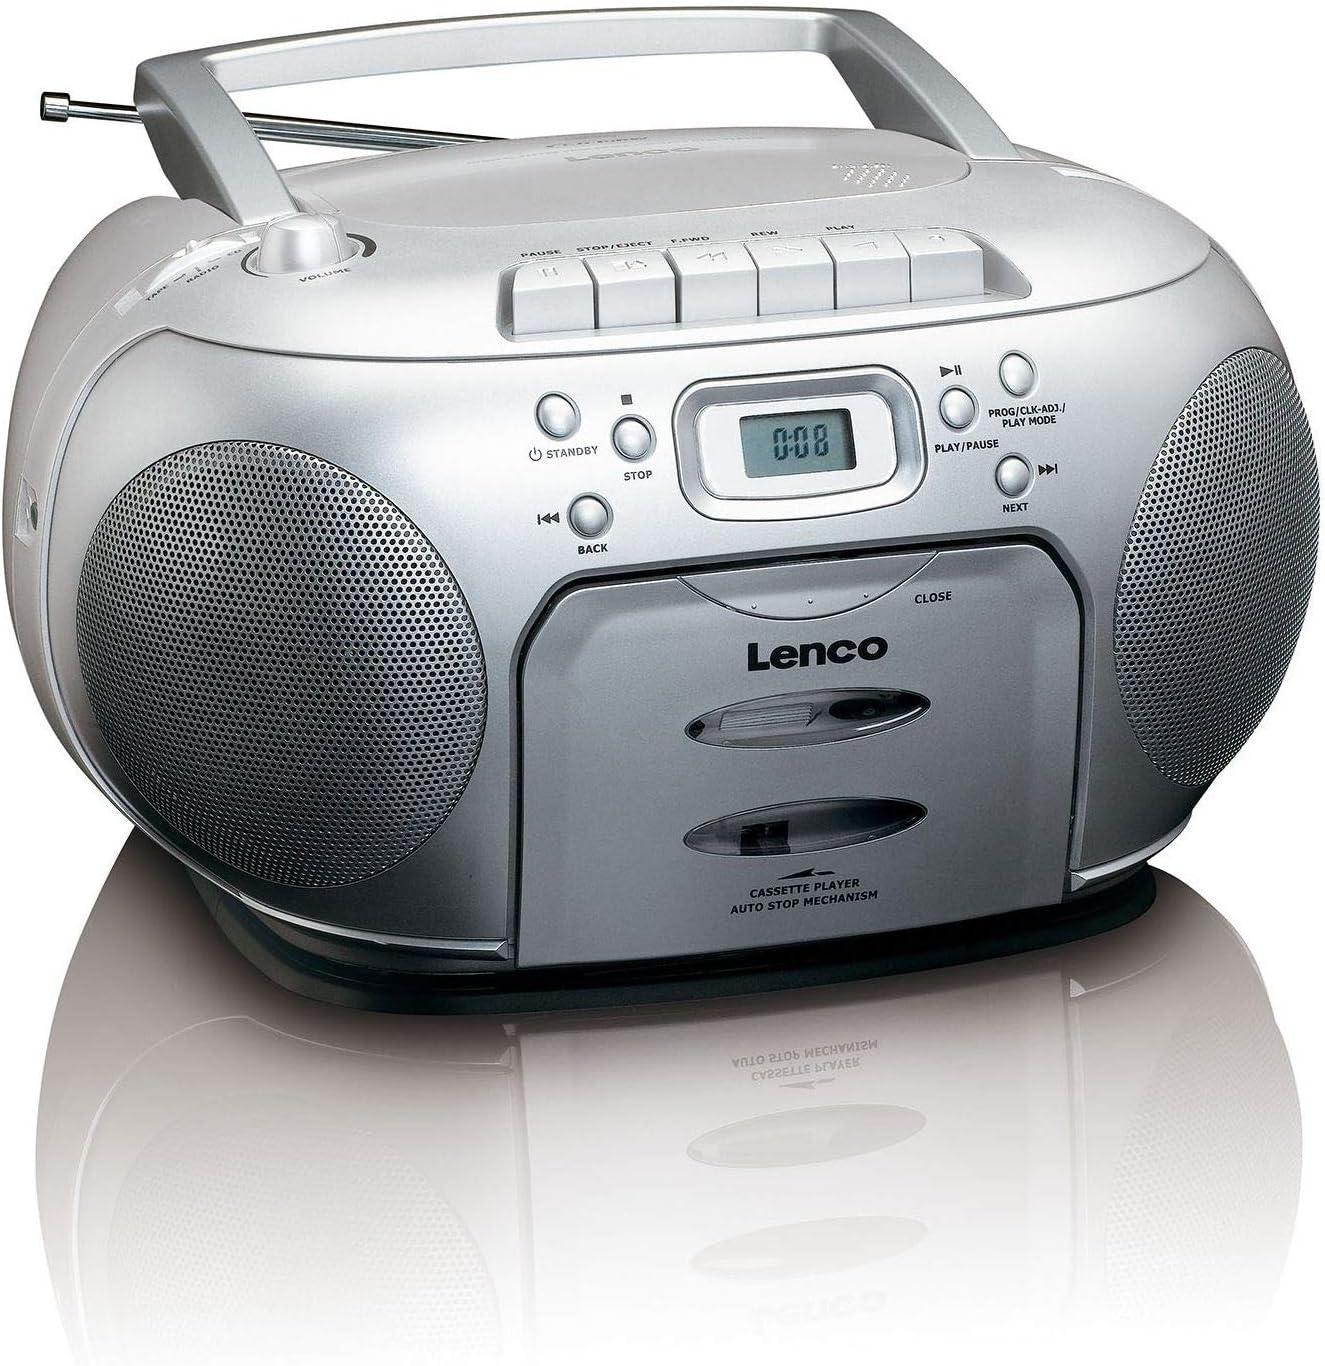 Lenco Scd 420 Silver Tragbares Ukw Radio Mit Toplader Cd Spieler Und Kassettendeck Lcd Display Wiederholungsfunktion Auto Stopp Kopfhöreranschluss Audio Hifi